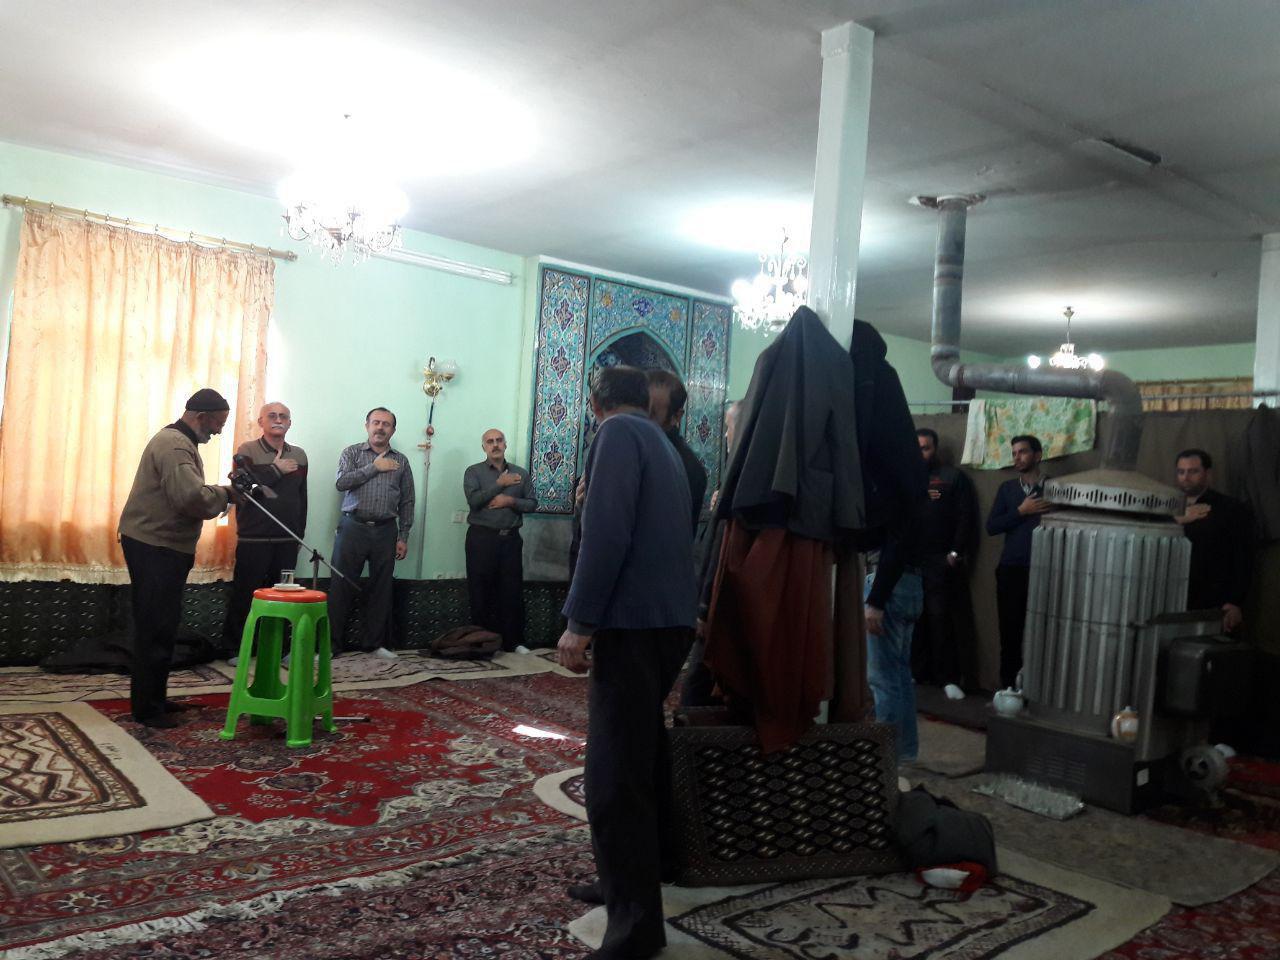 تصاویر مراسم عزاداری شهادت پیامبر اکرم (ص)